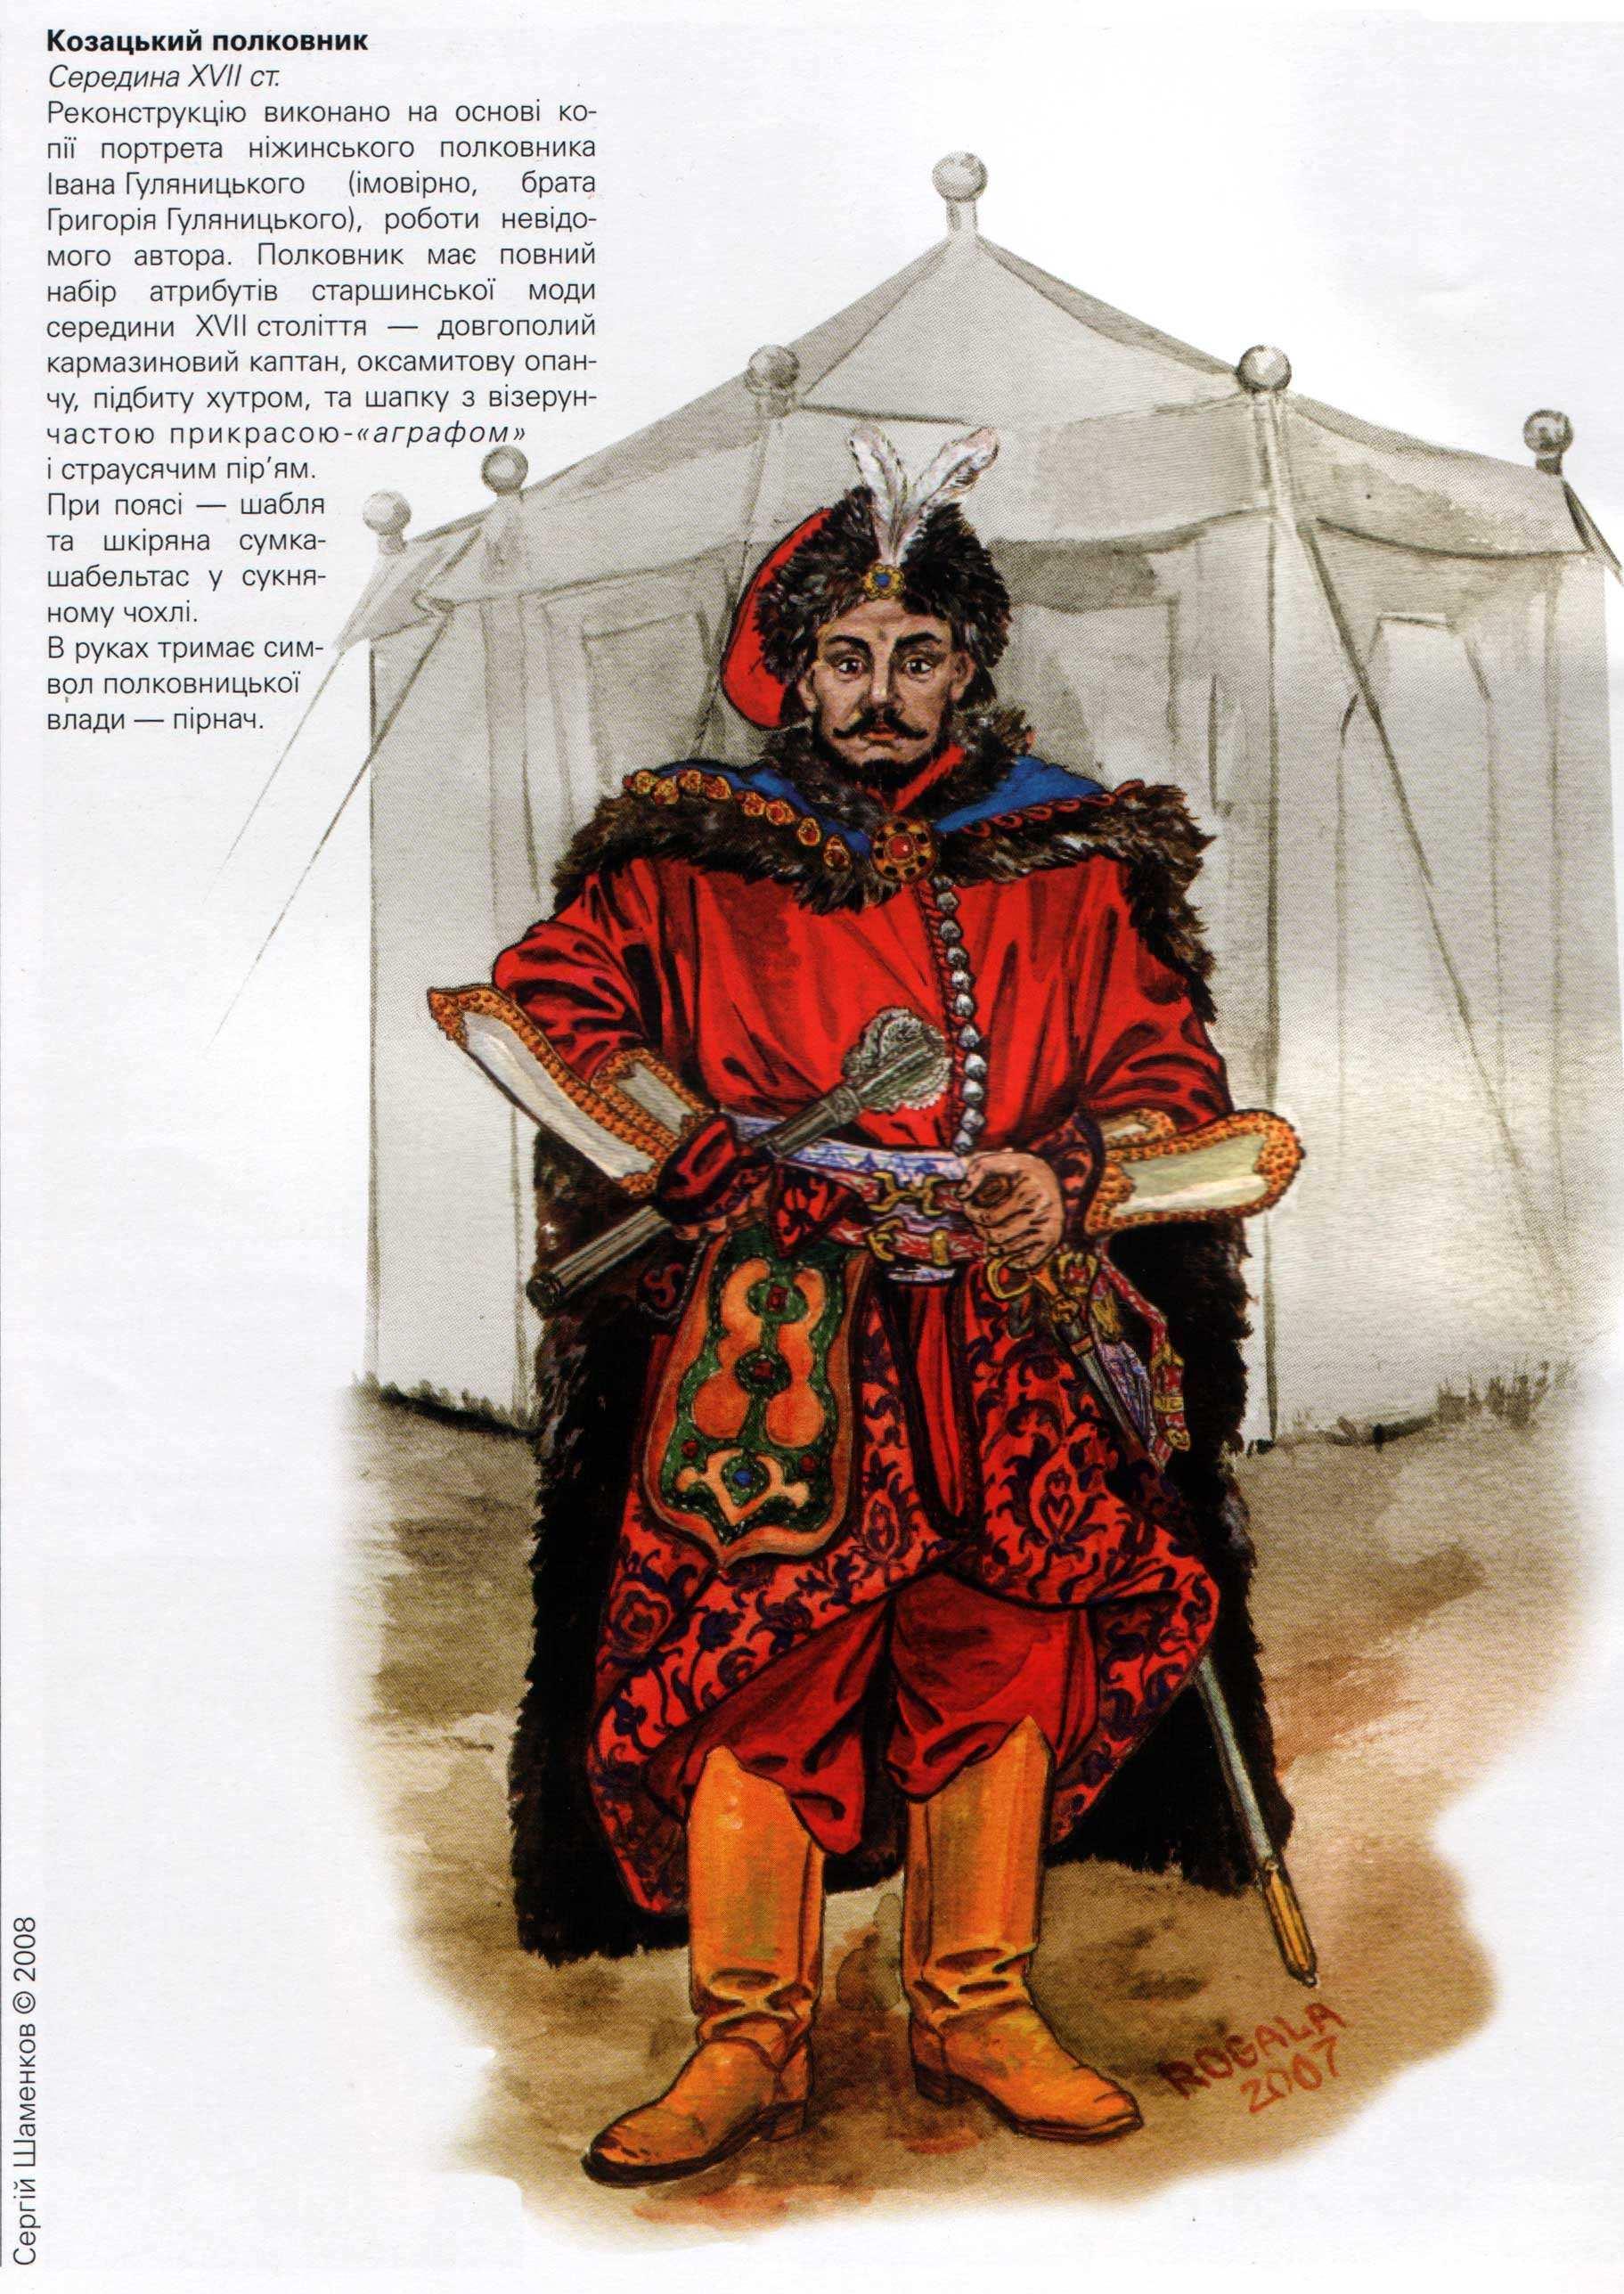 Козацький полковник